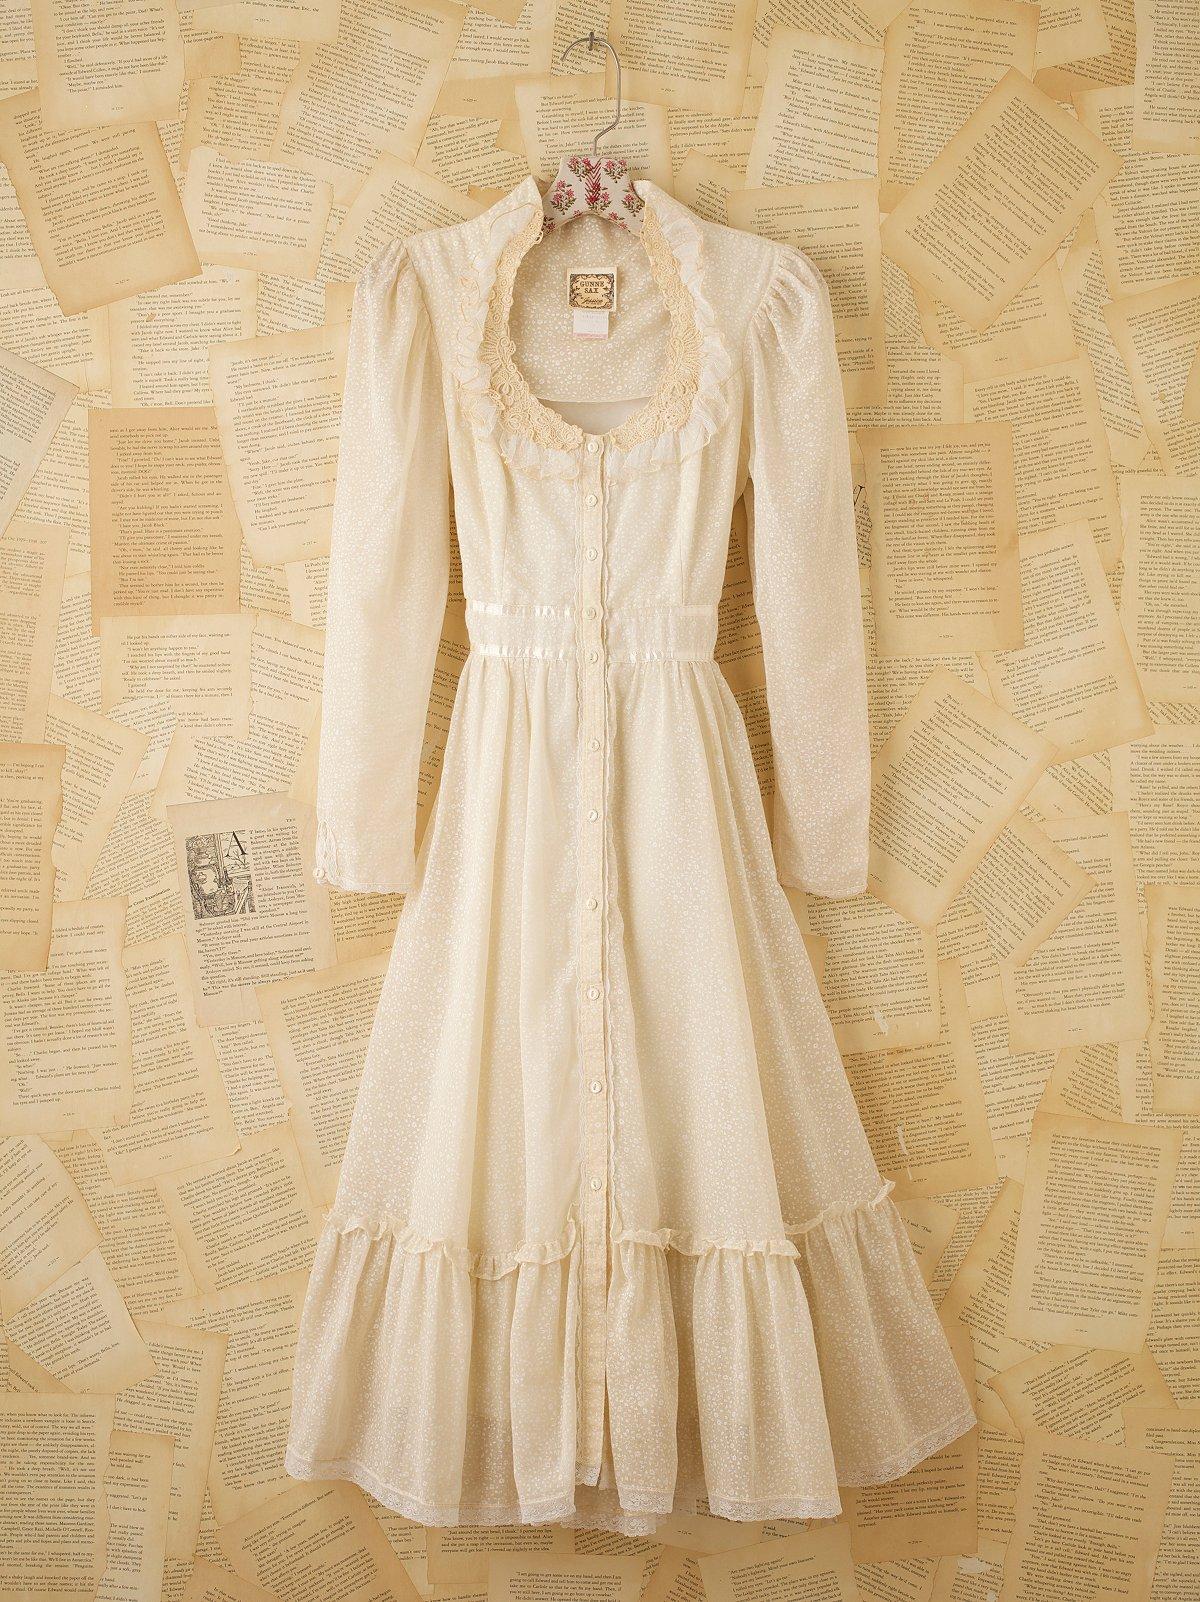 Vintage 1970s Lace Dress